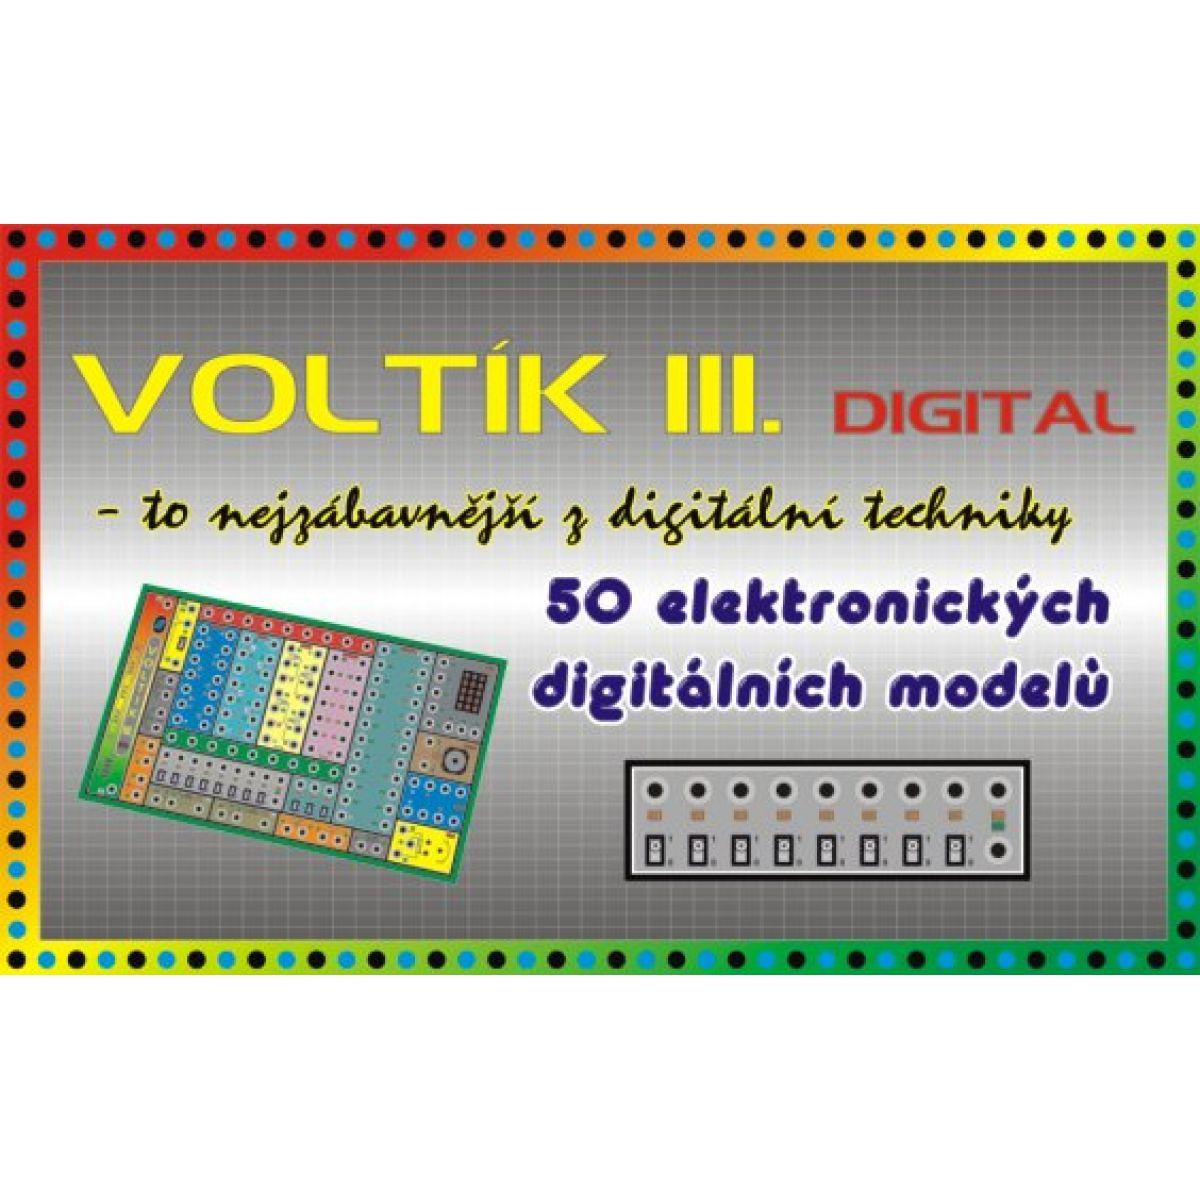 Svoboda Voltík III. Digital